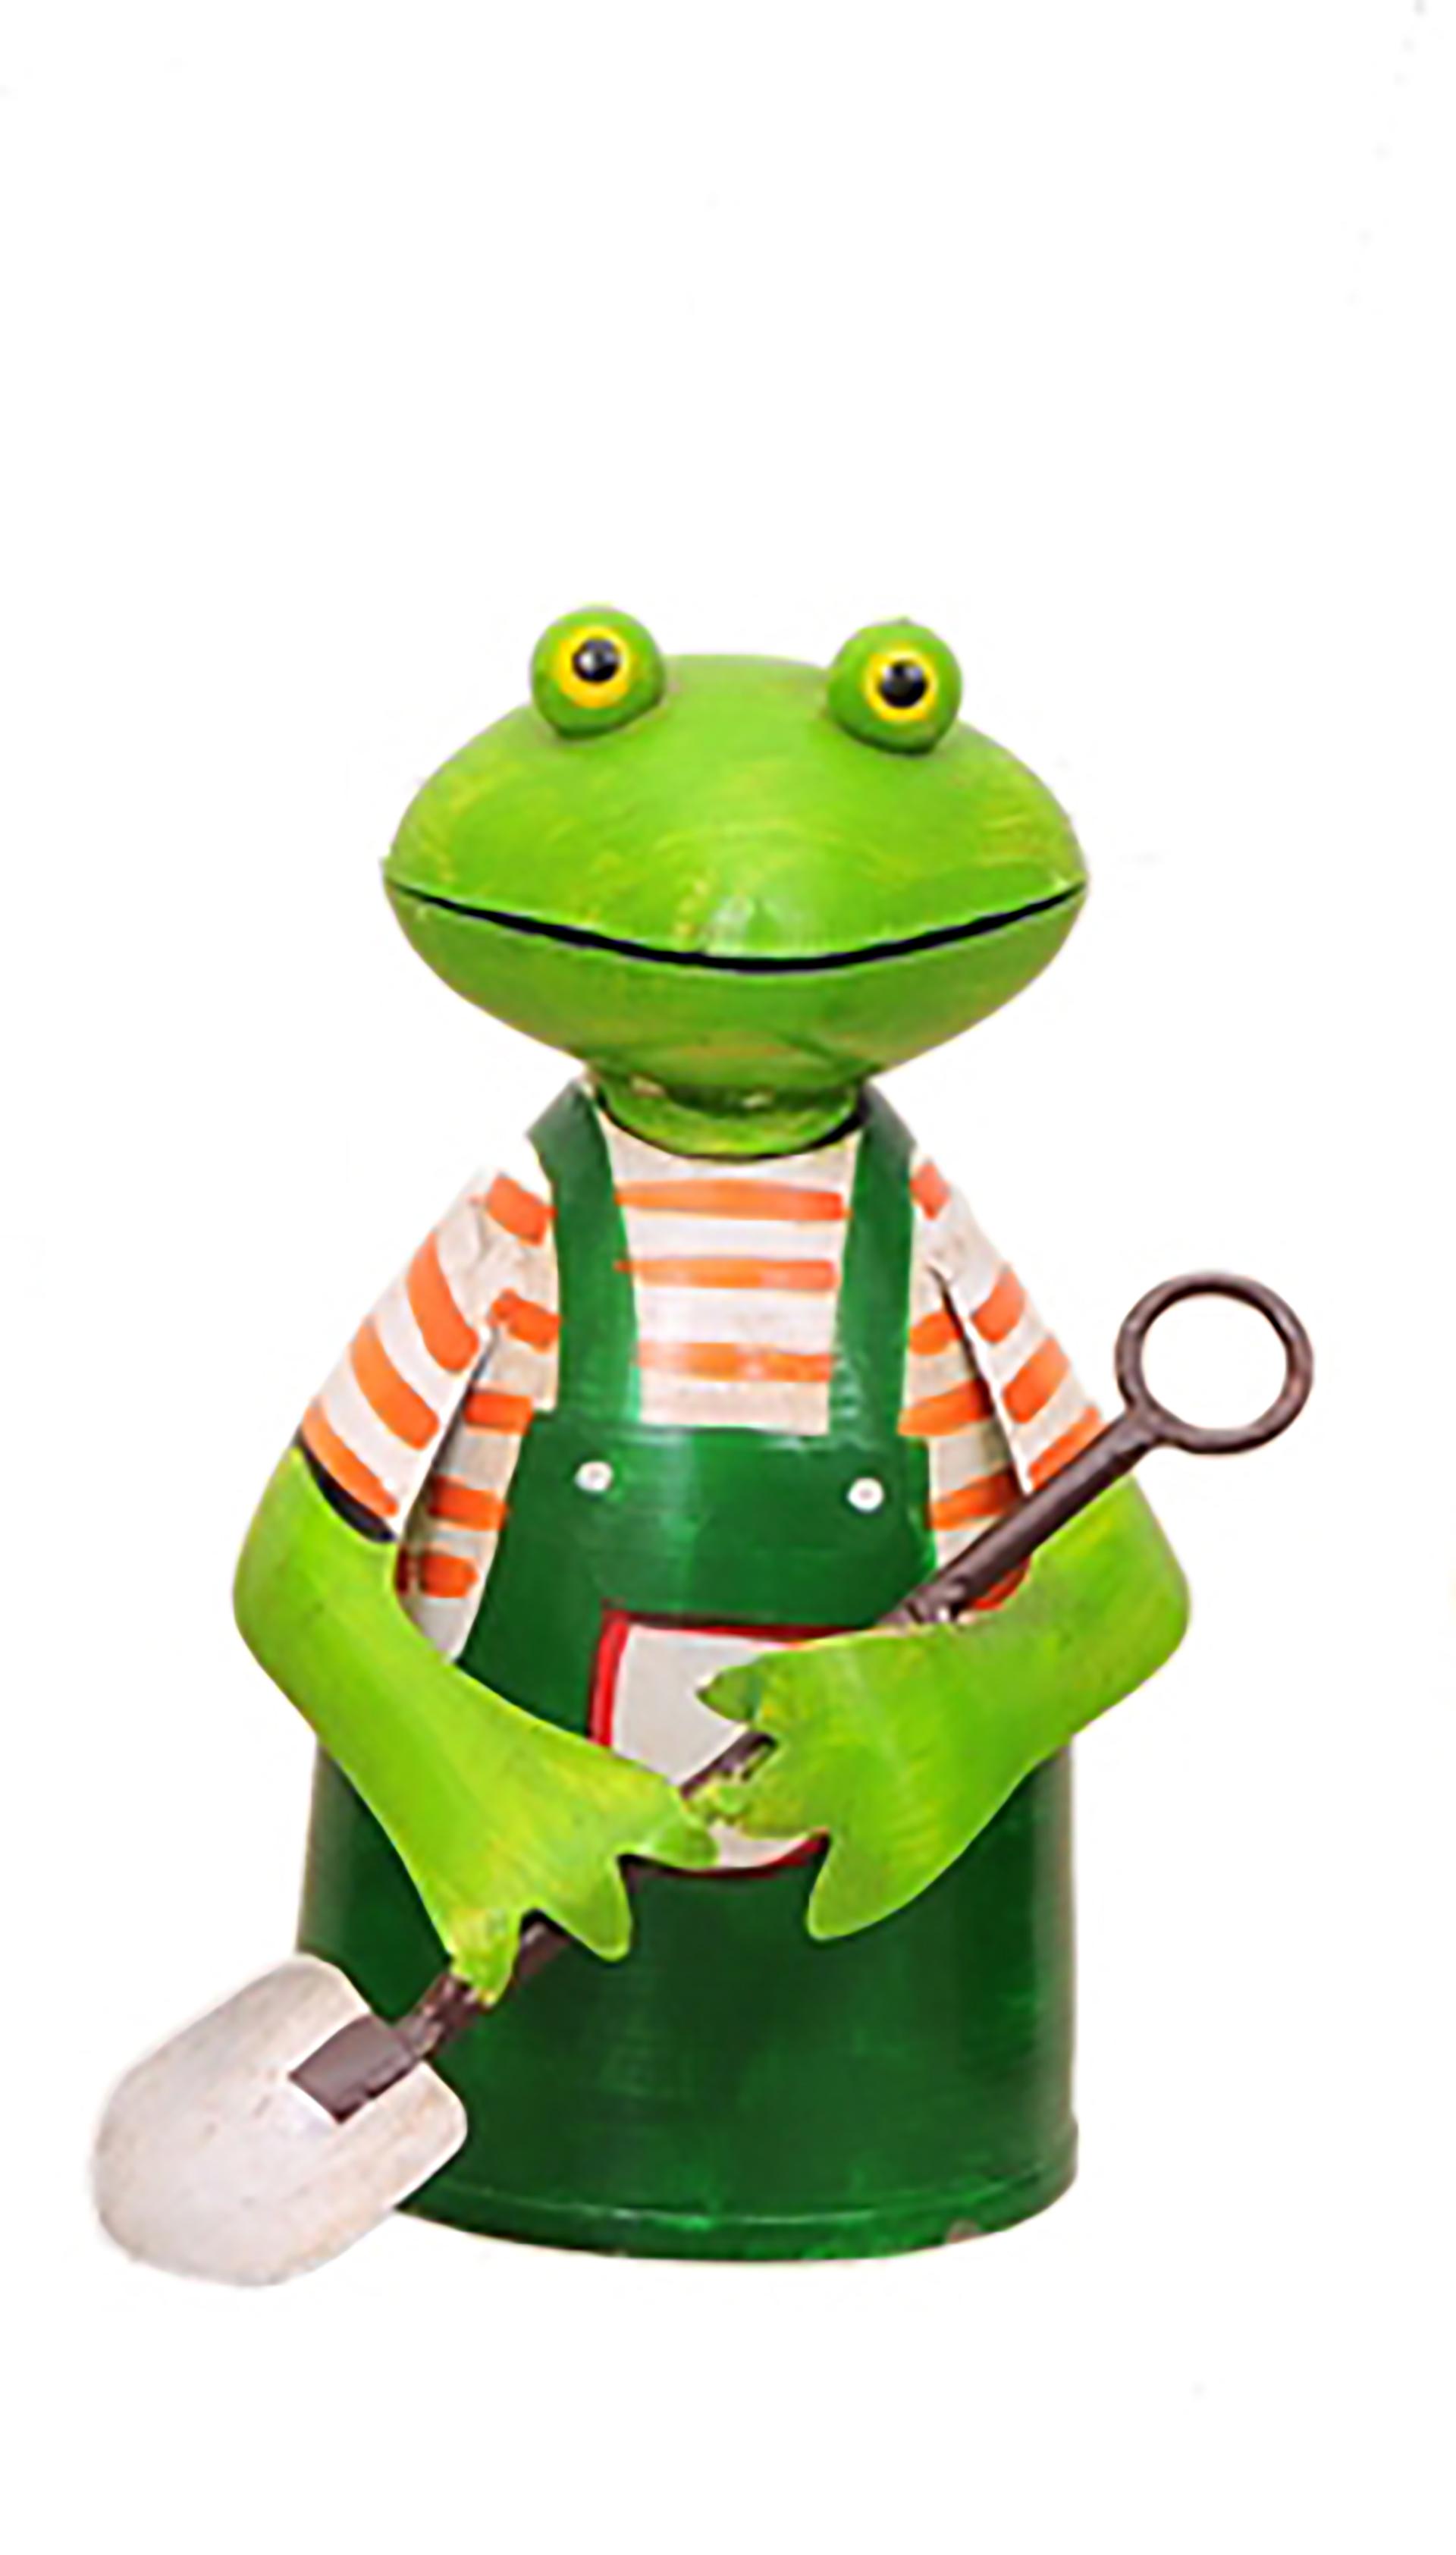 Zaunhocker Frosch Gärtner mit Schaufel